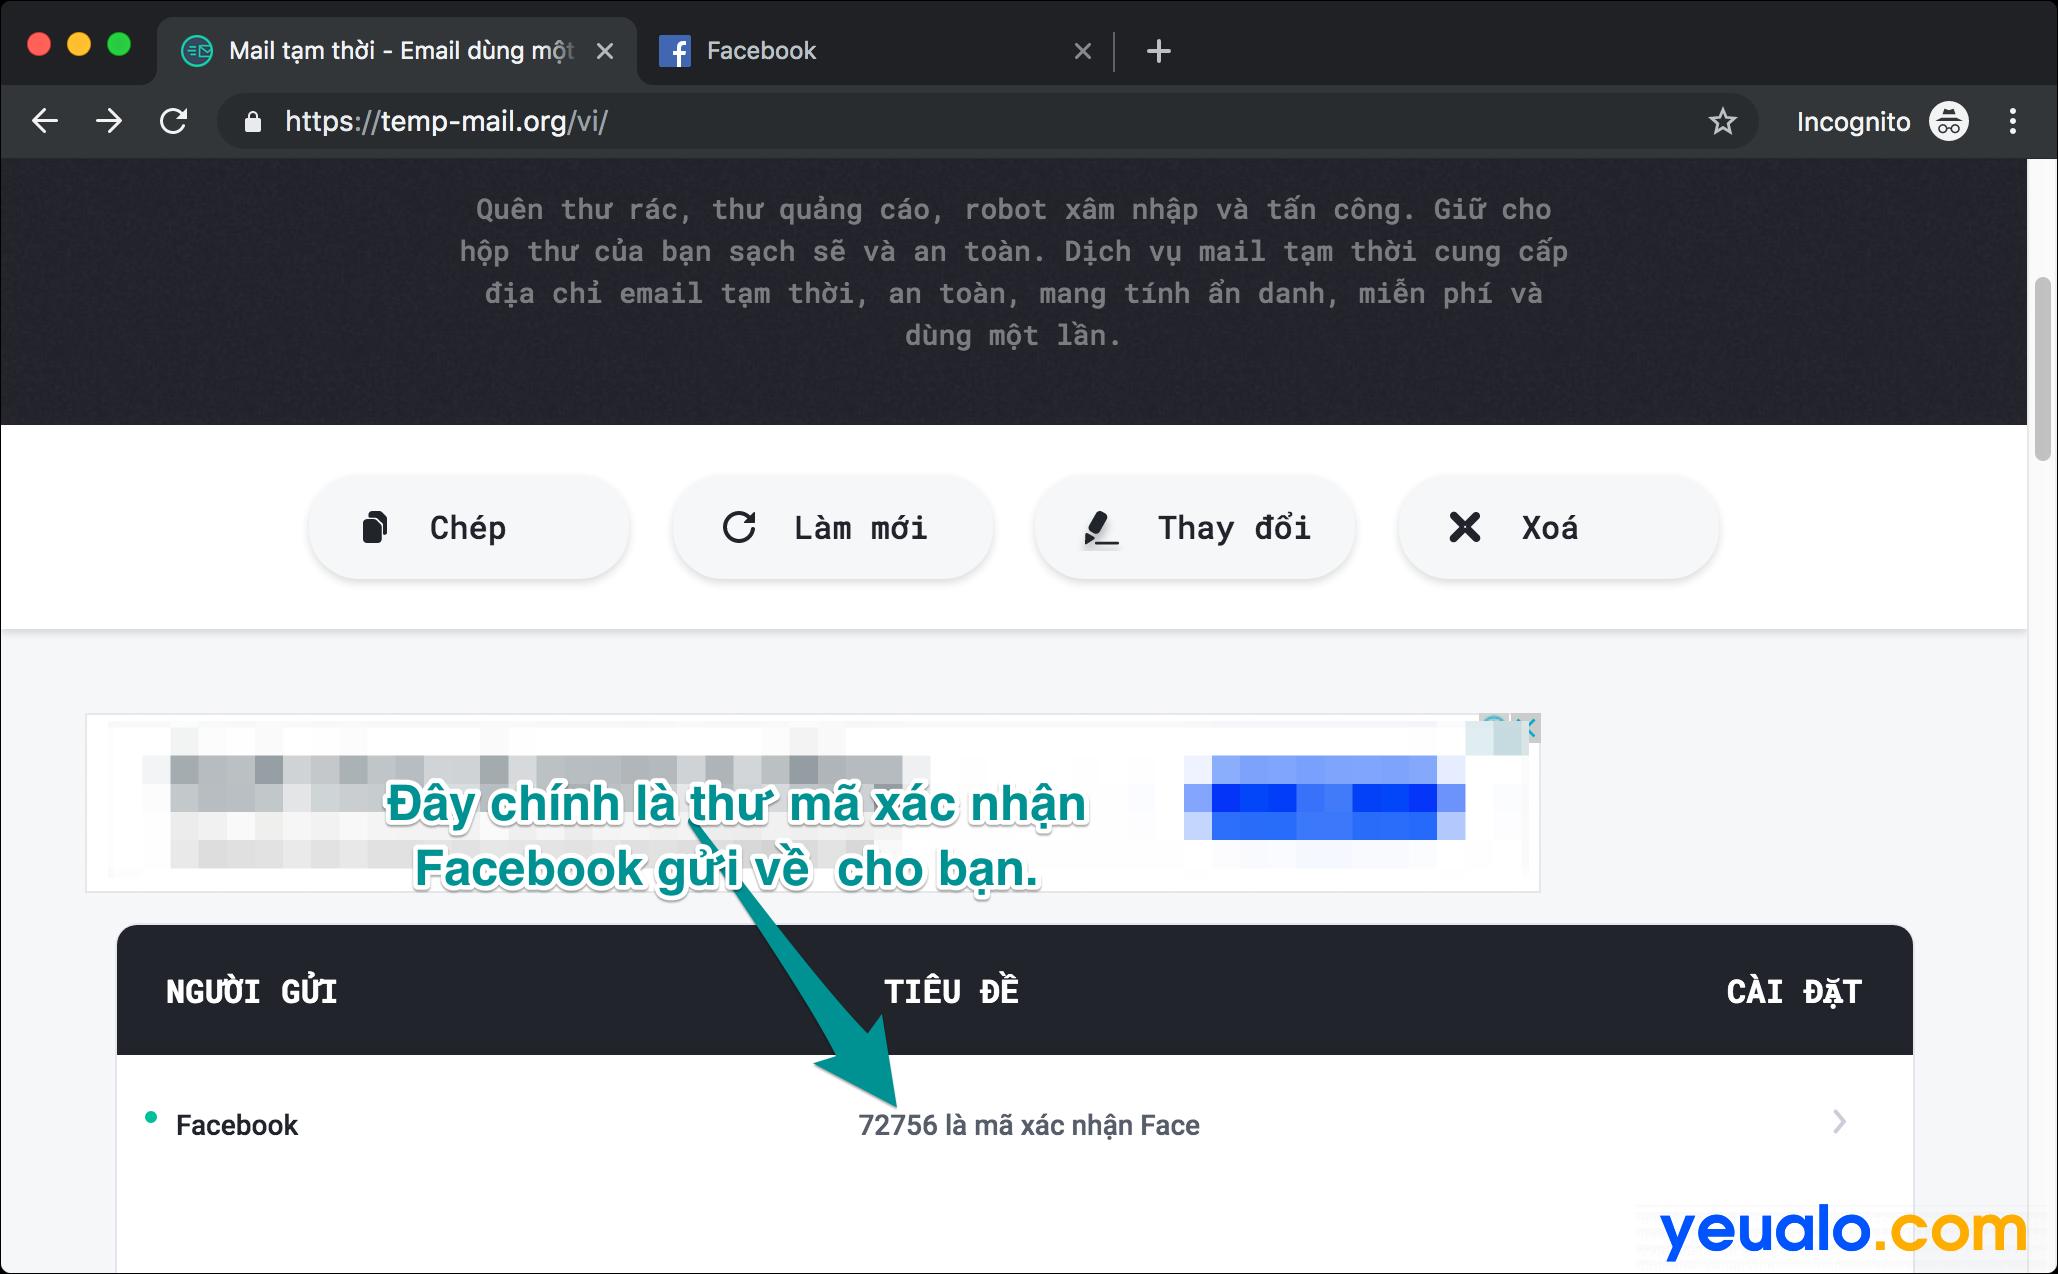 Cách đăng ký Facebook không cần số điện thoại và email 3